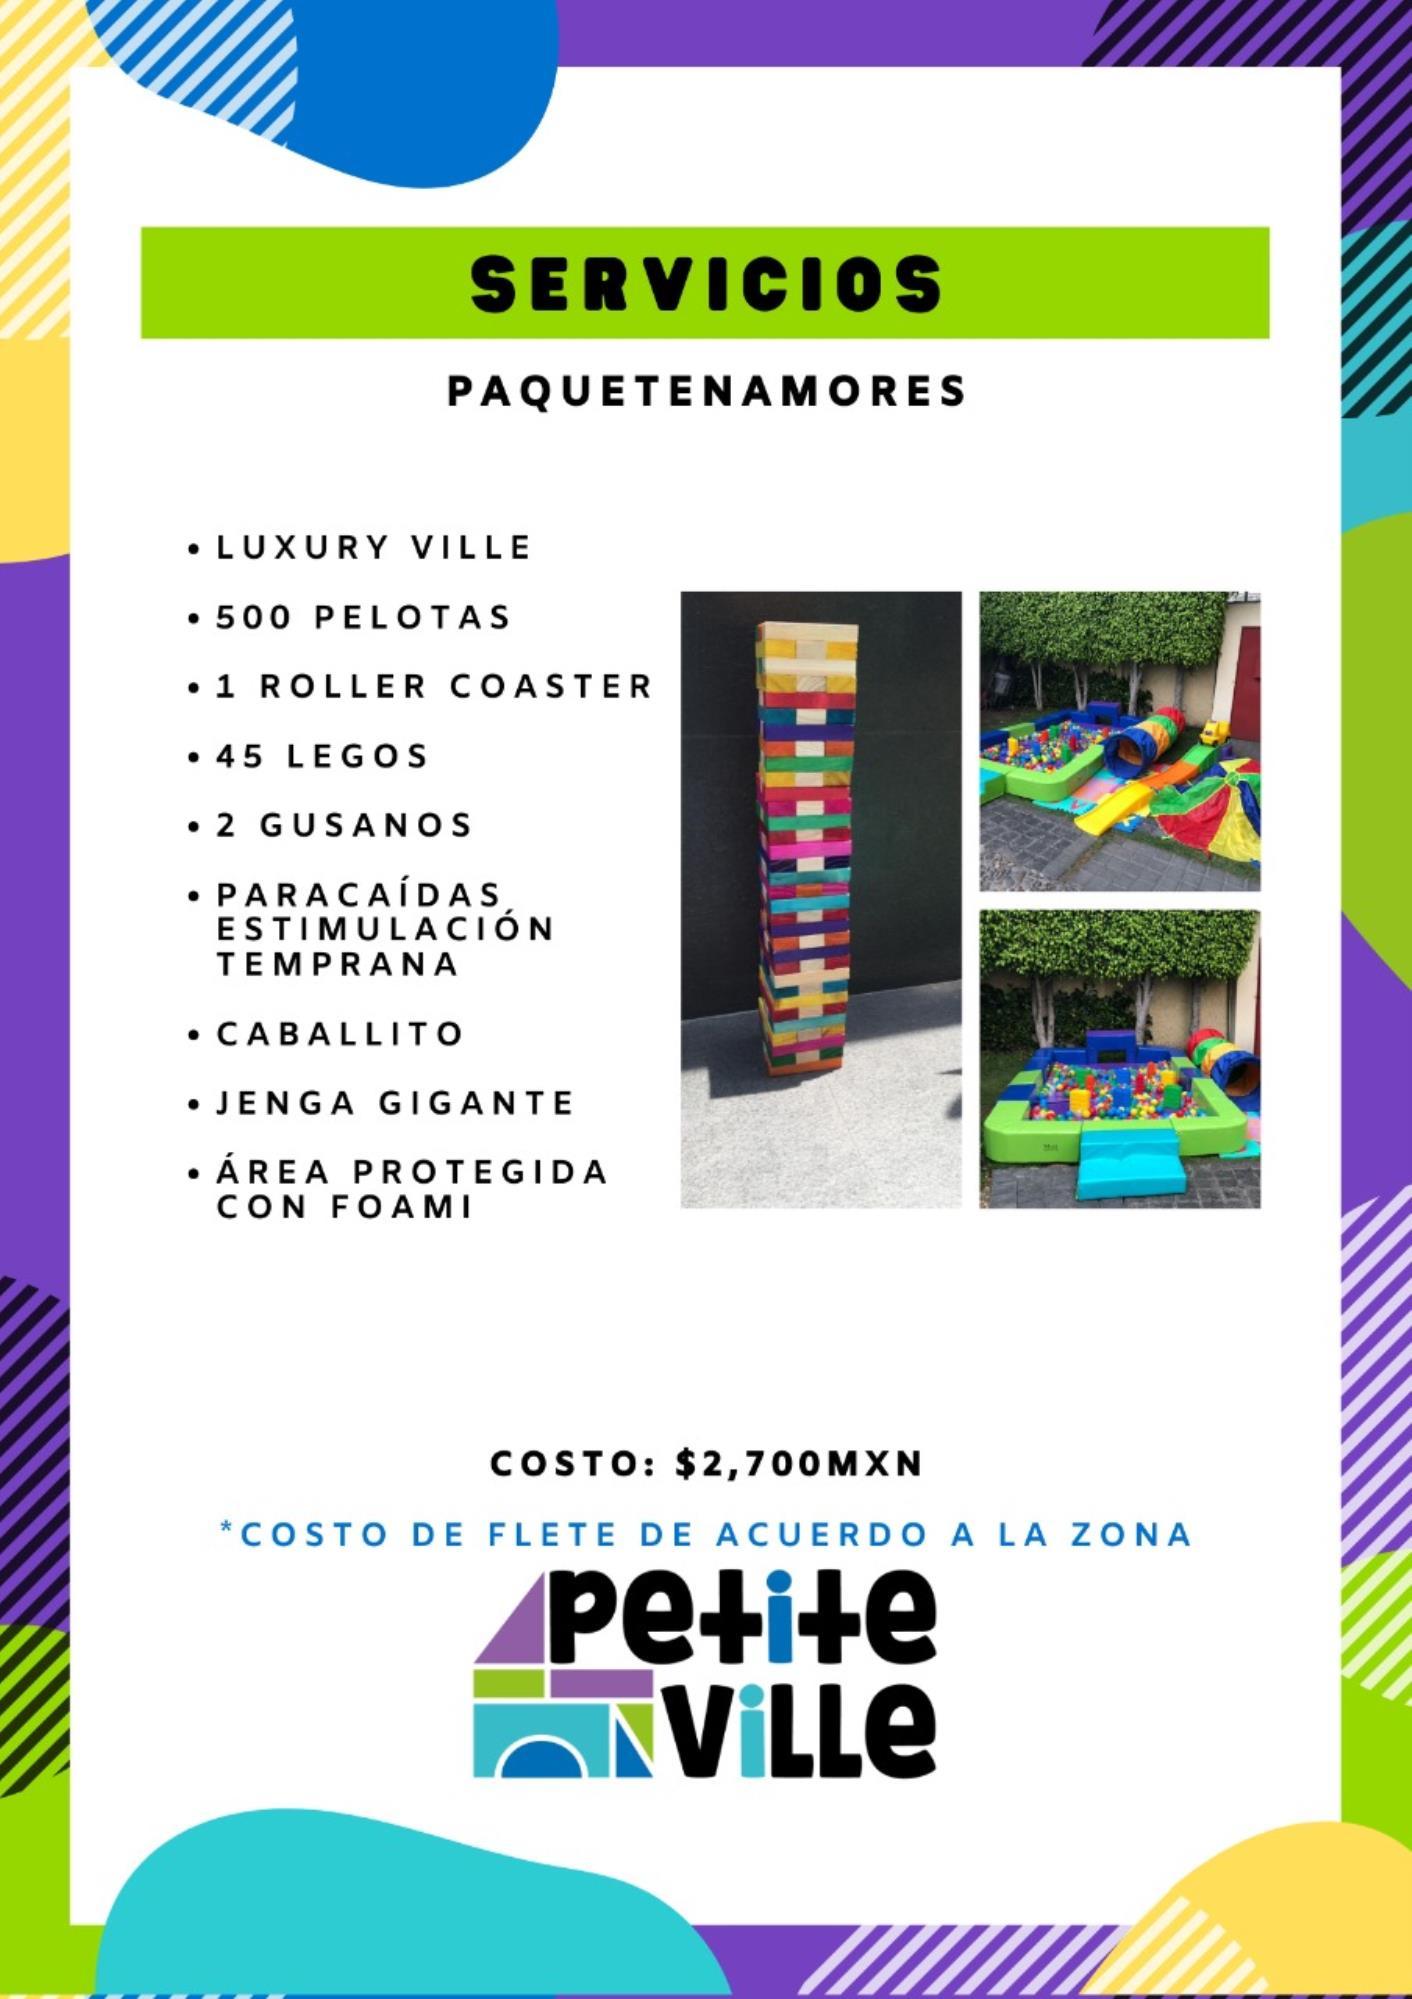 Paquetenamores